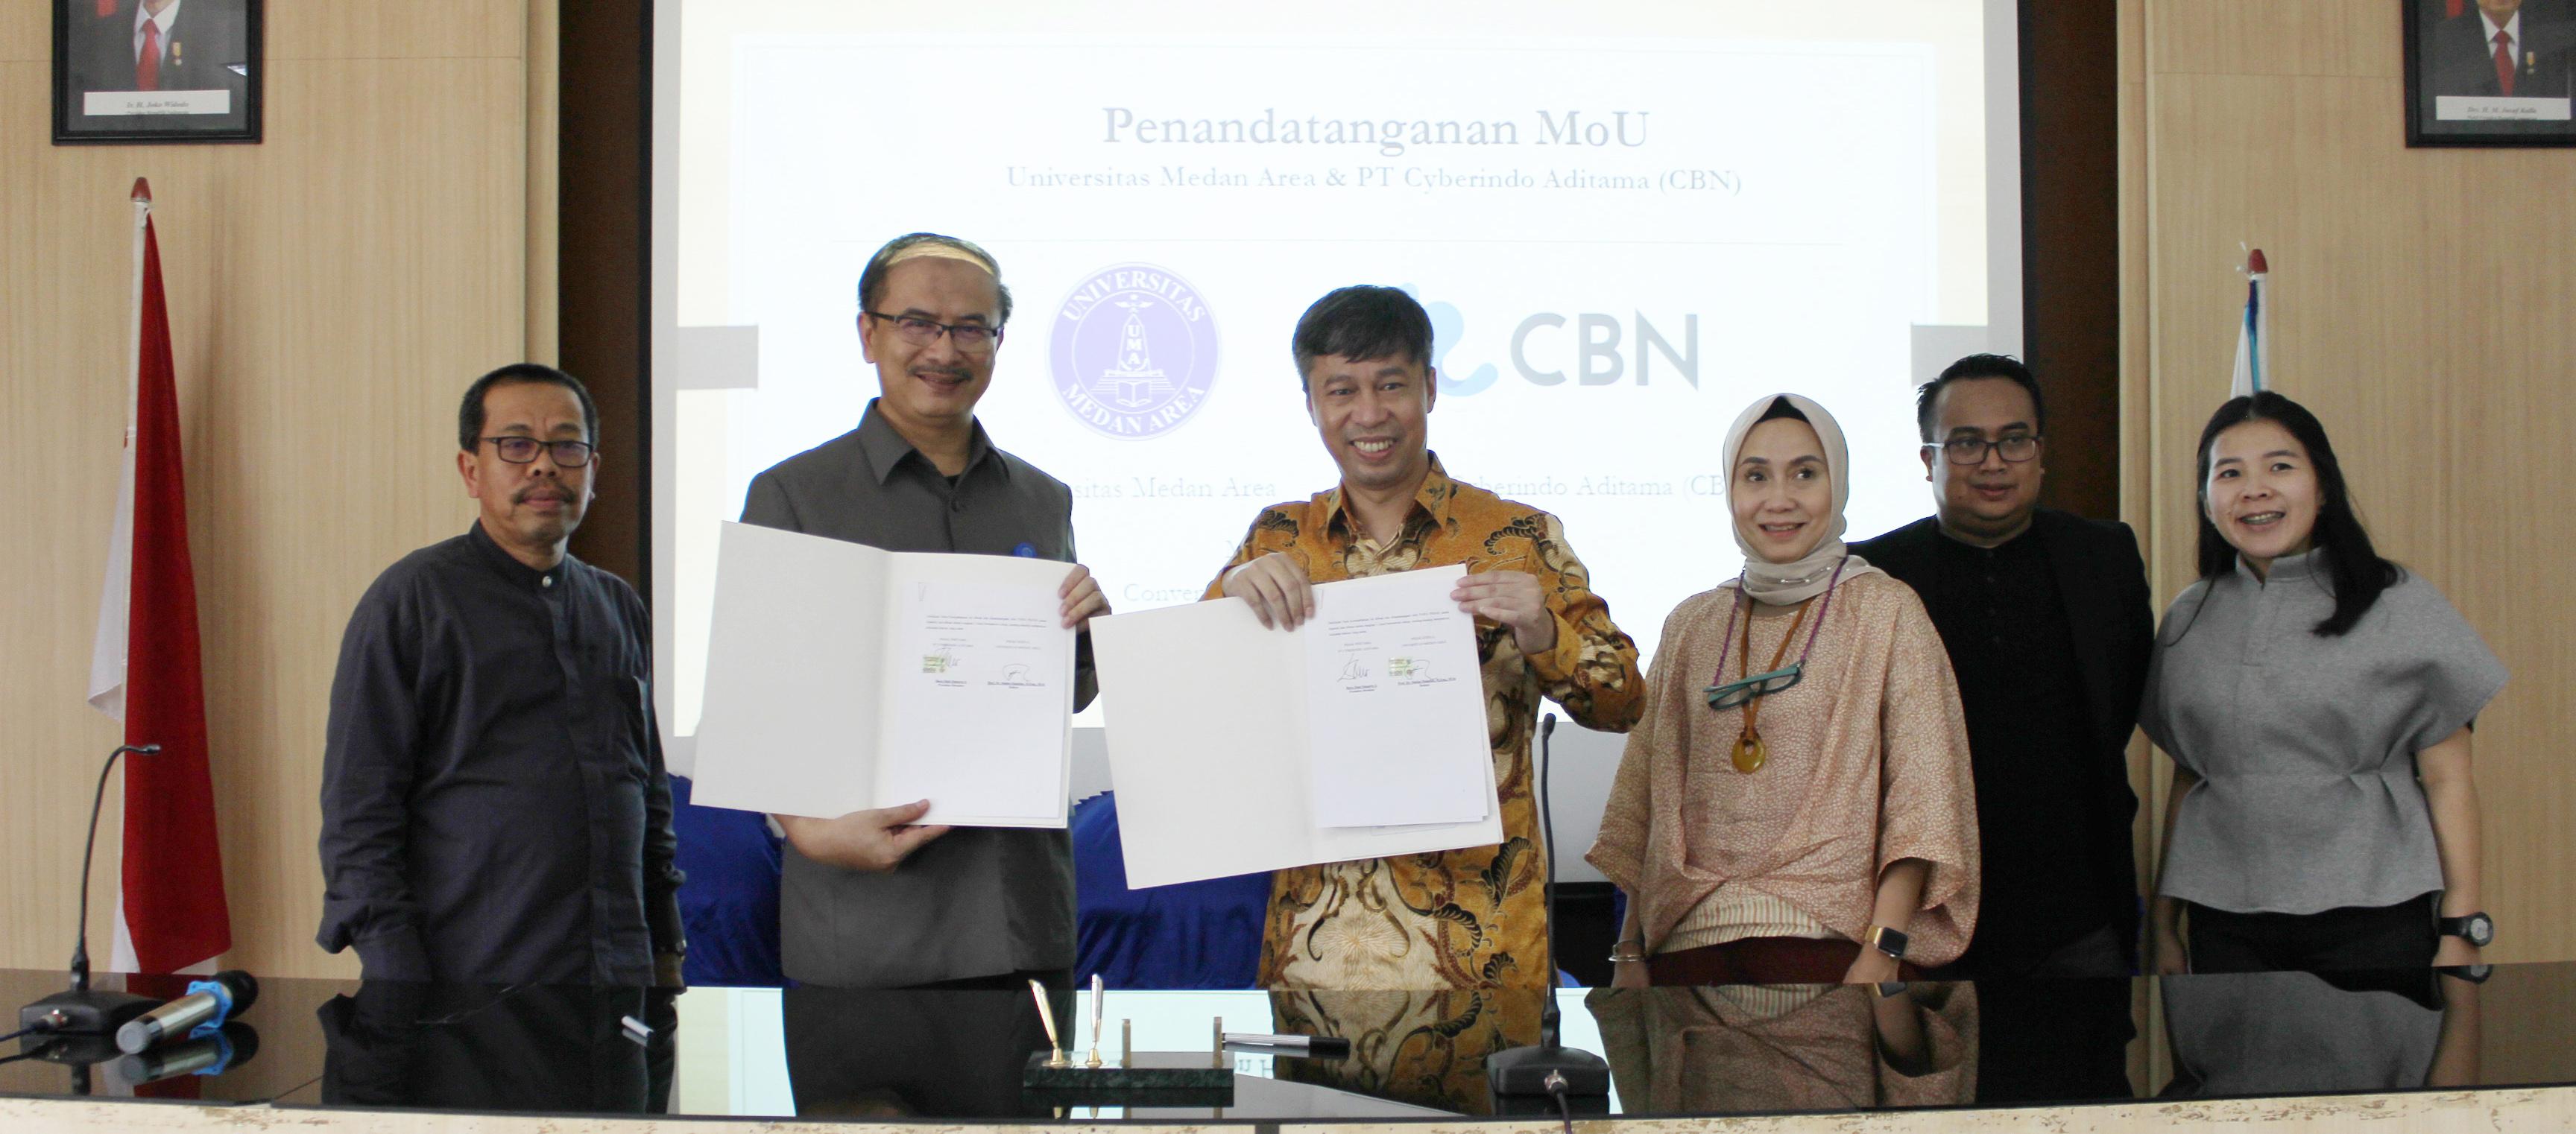 Penandatanganan MoU Universitas Medan Area Dengan PT. Cyberindo Aditama (CBN) Serta Kegiatan Kuliah Umum